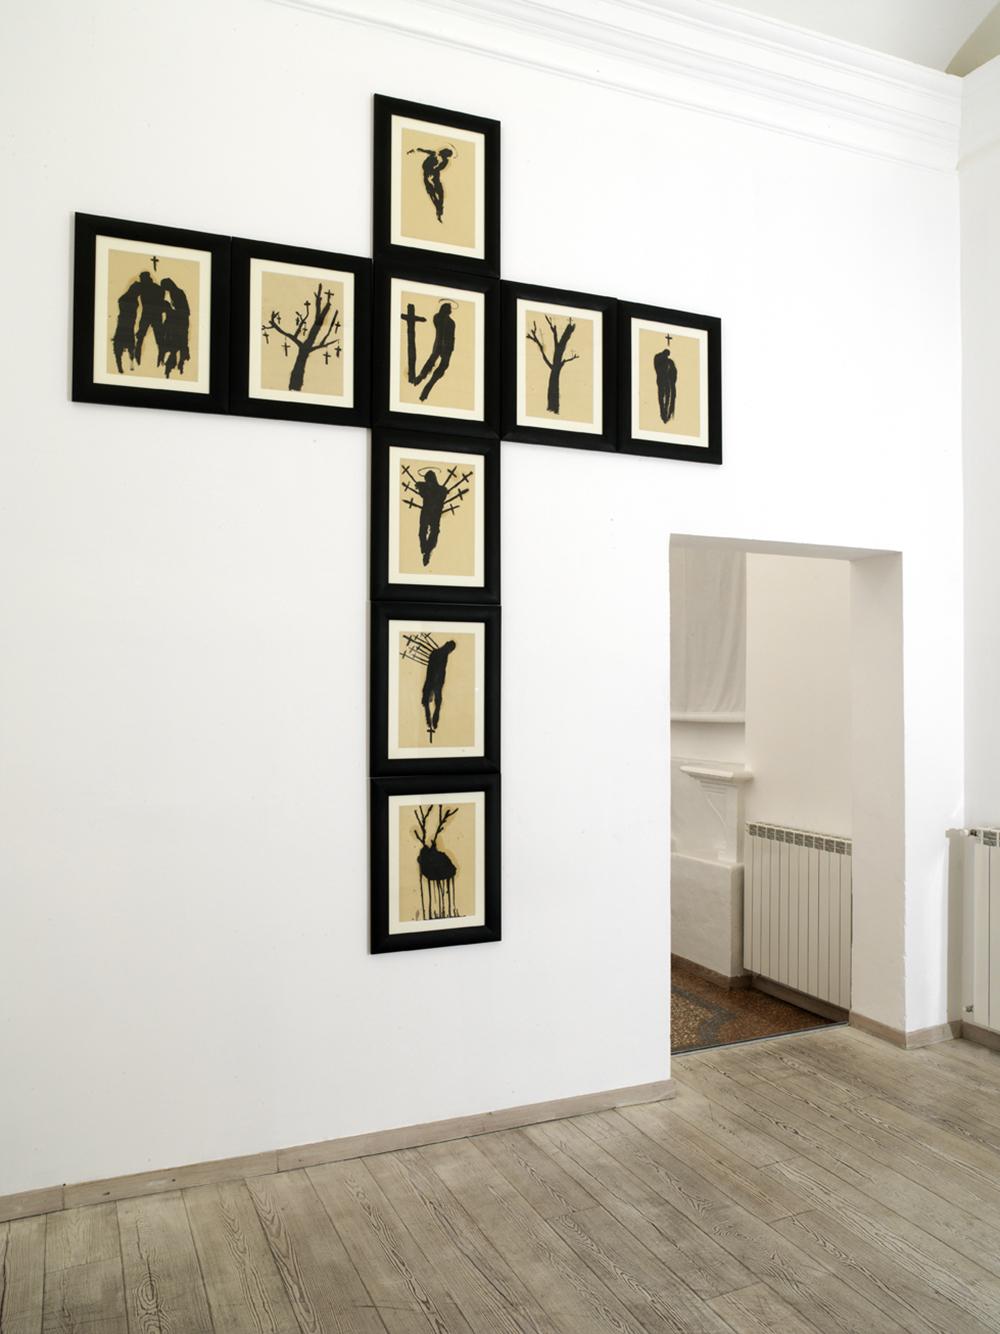 Senza titolo, tecnica mista su carta, installazione di 09 disegni, cm 300x260